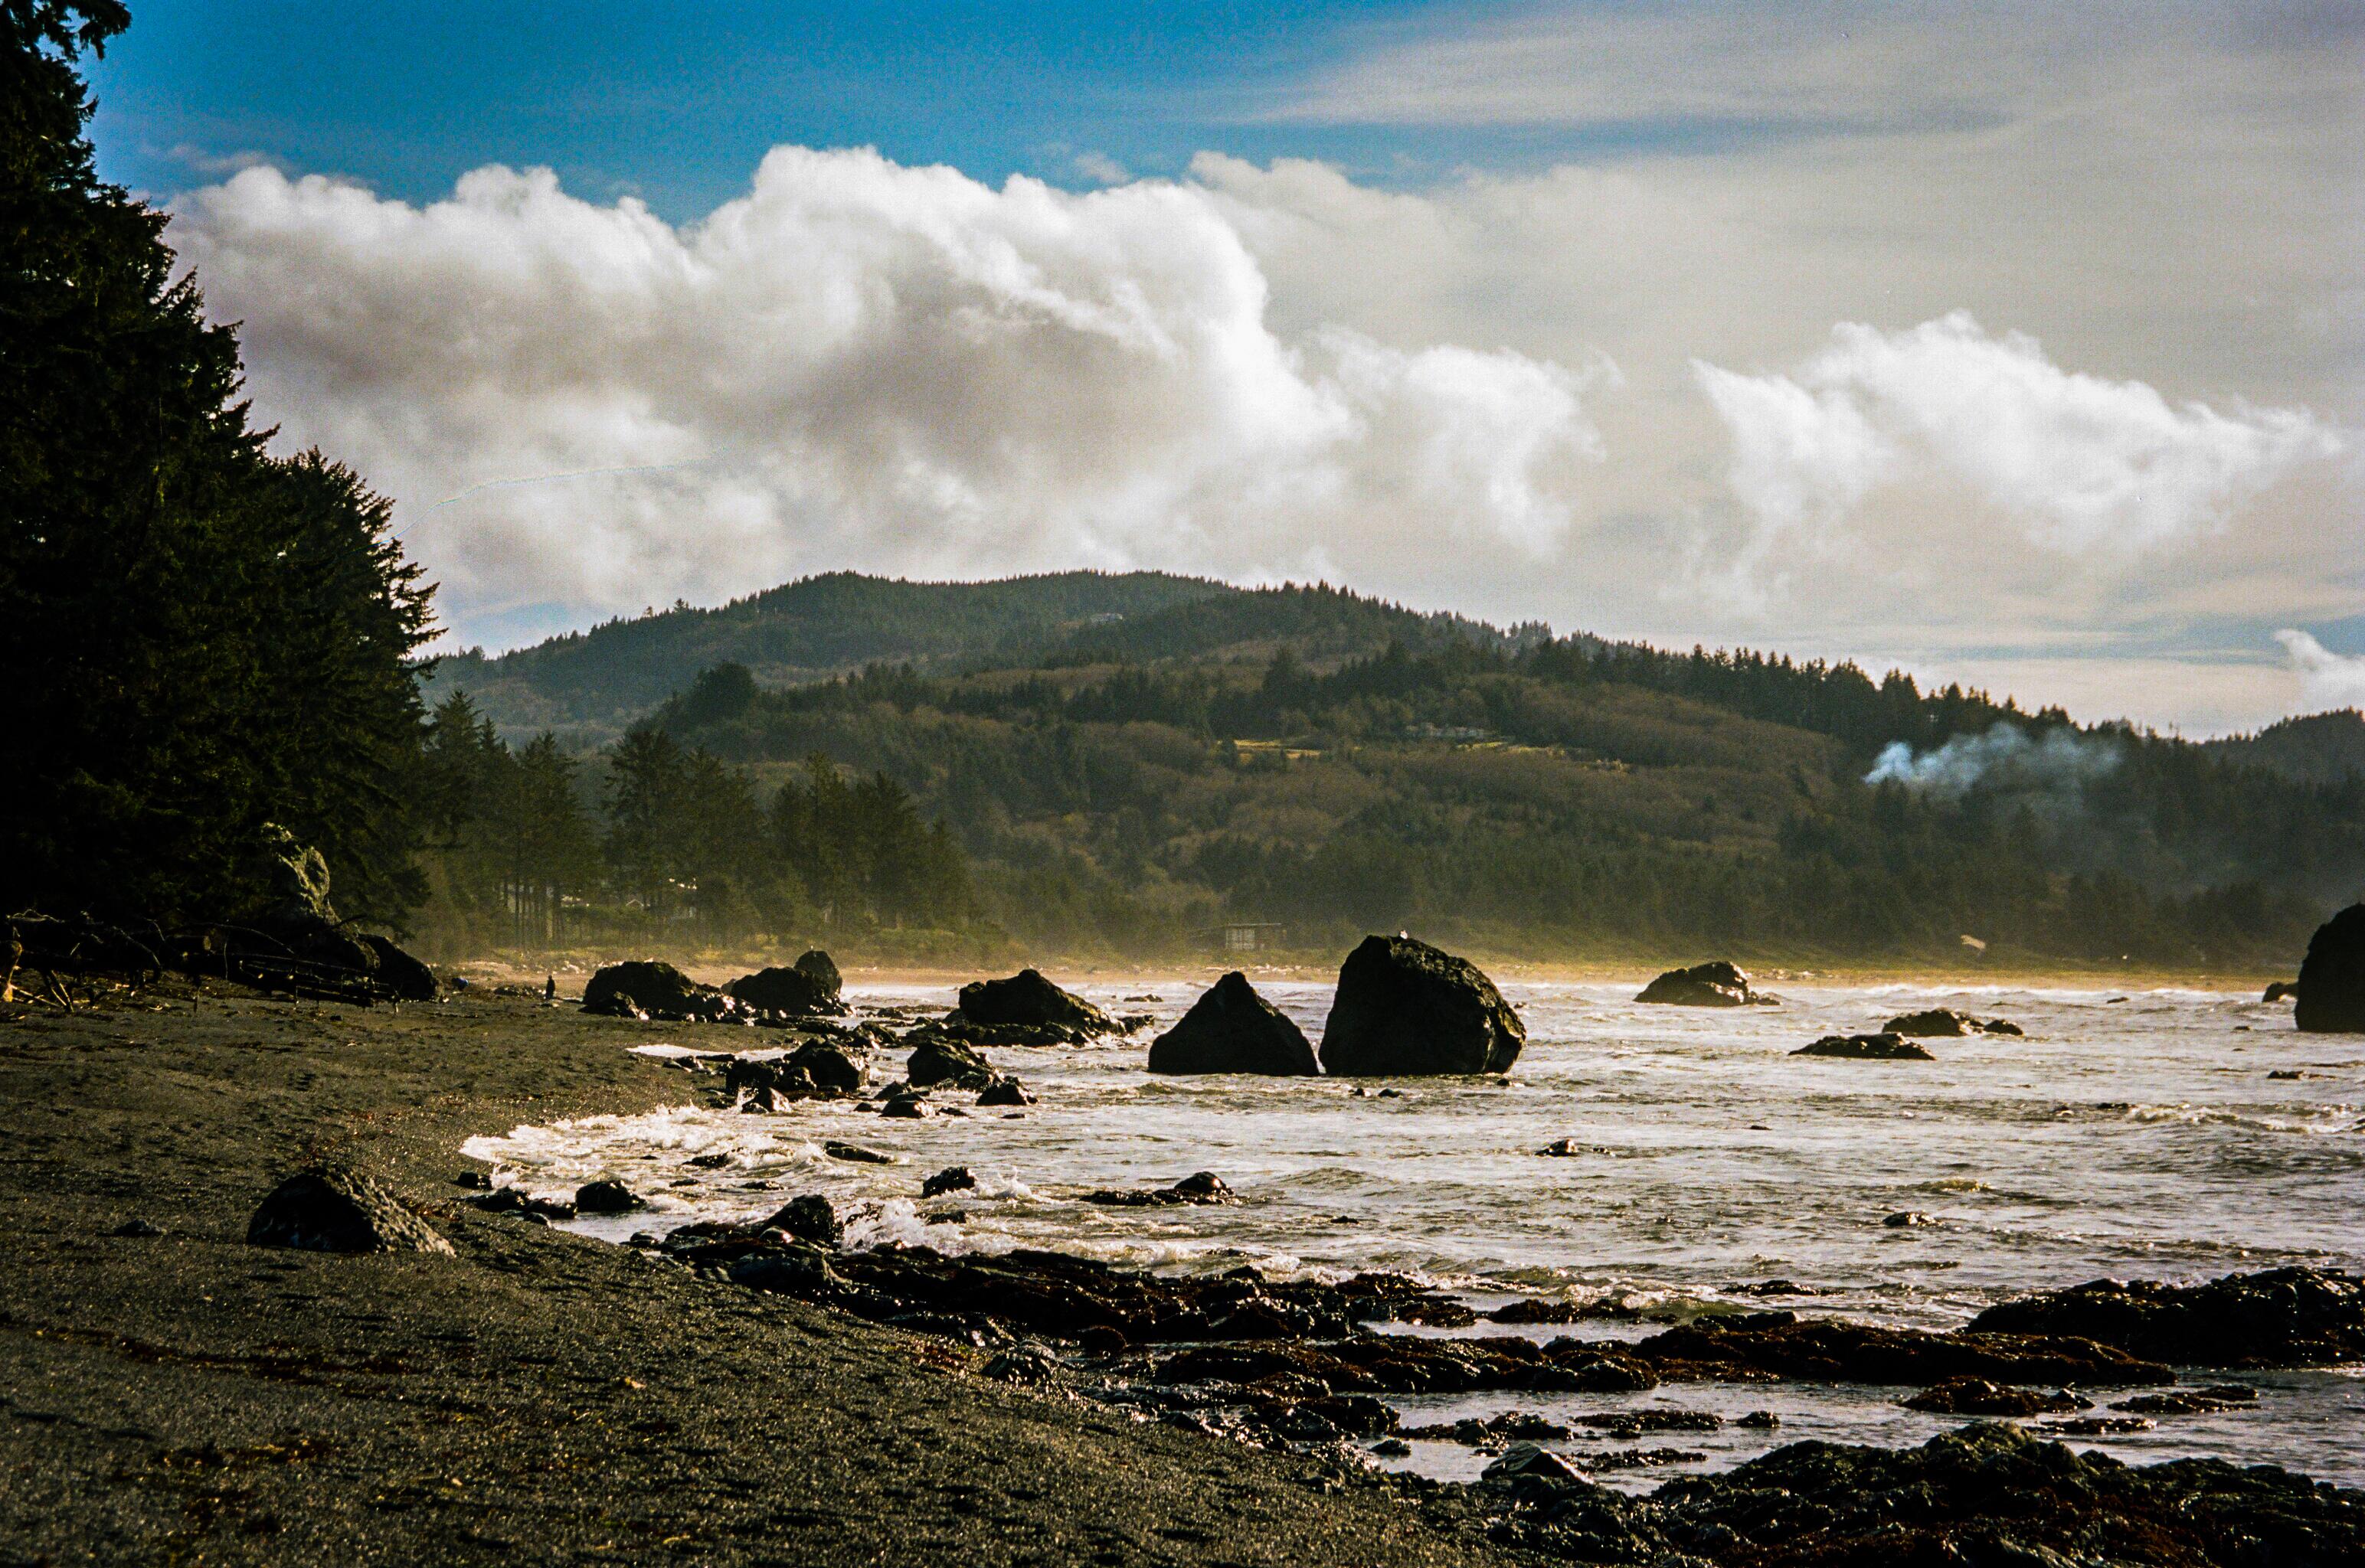 Brookings Oregon Kodak 200ASA film